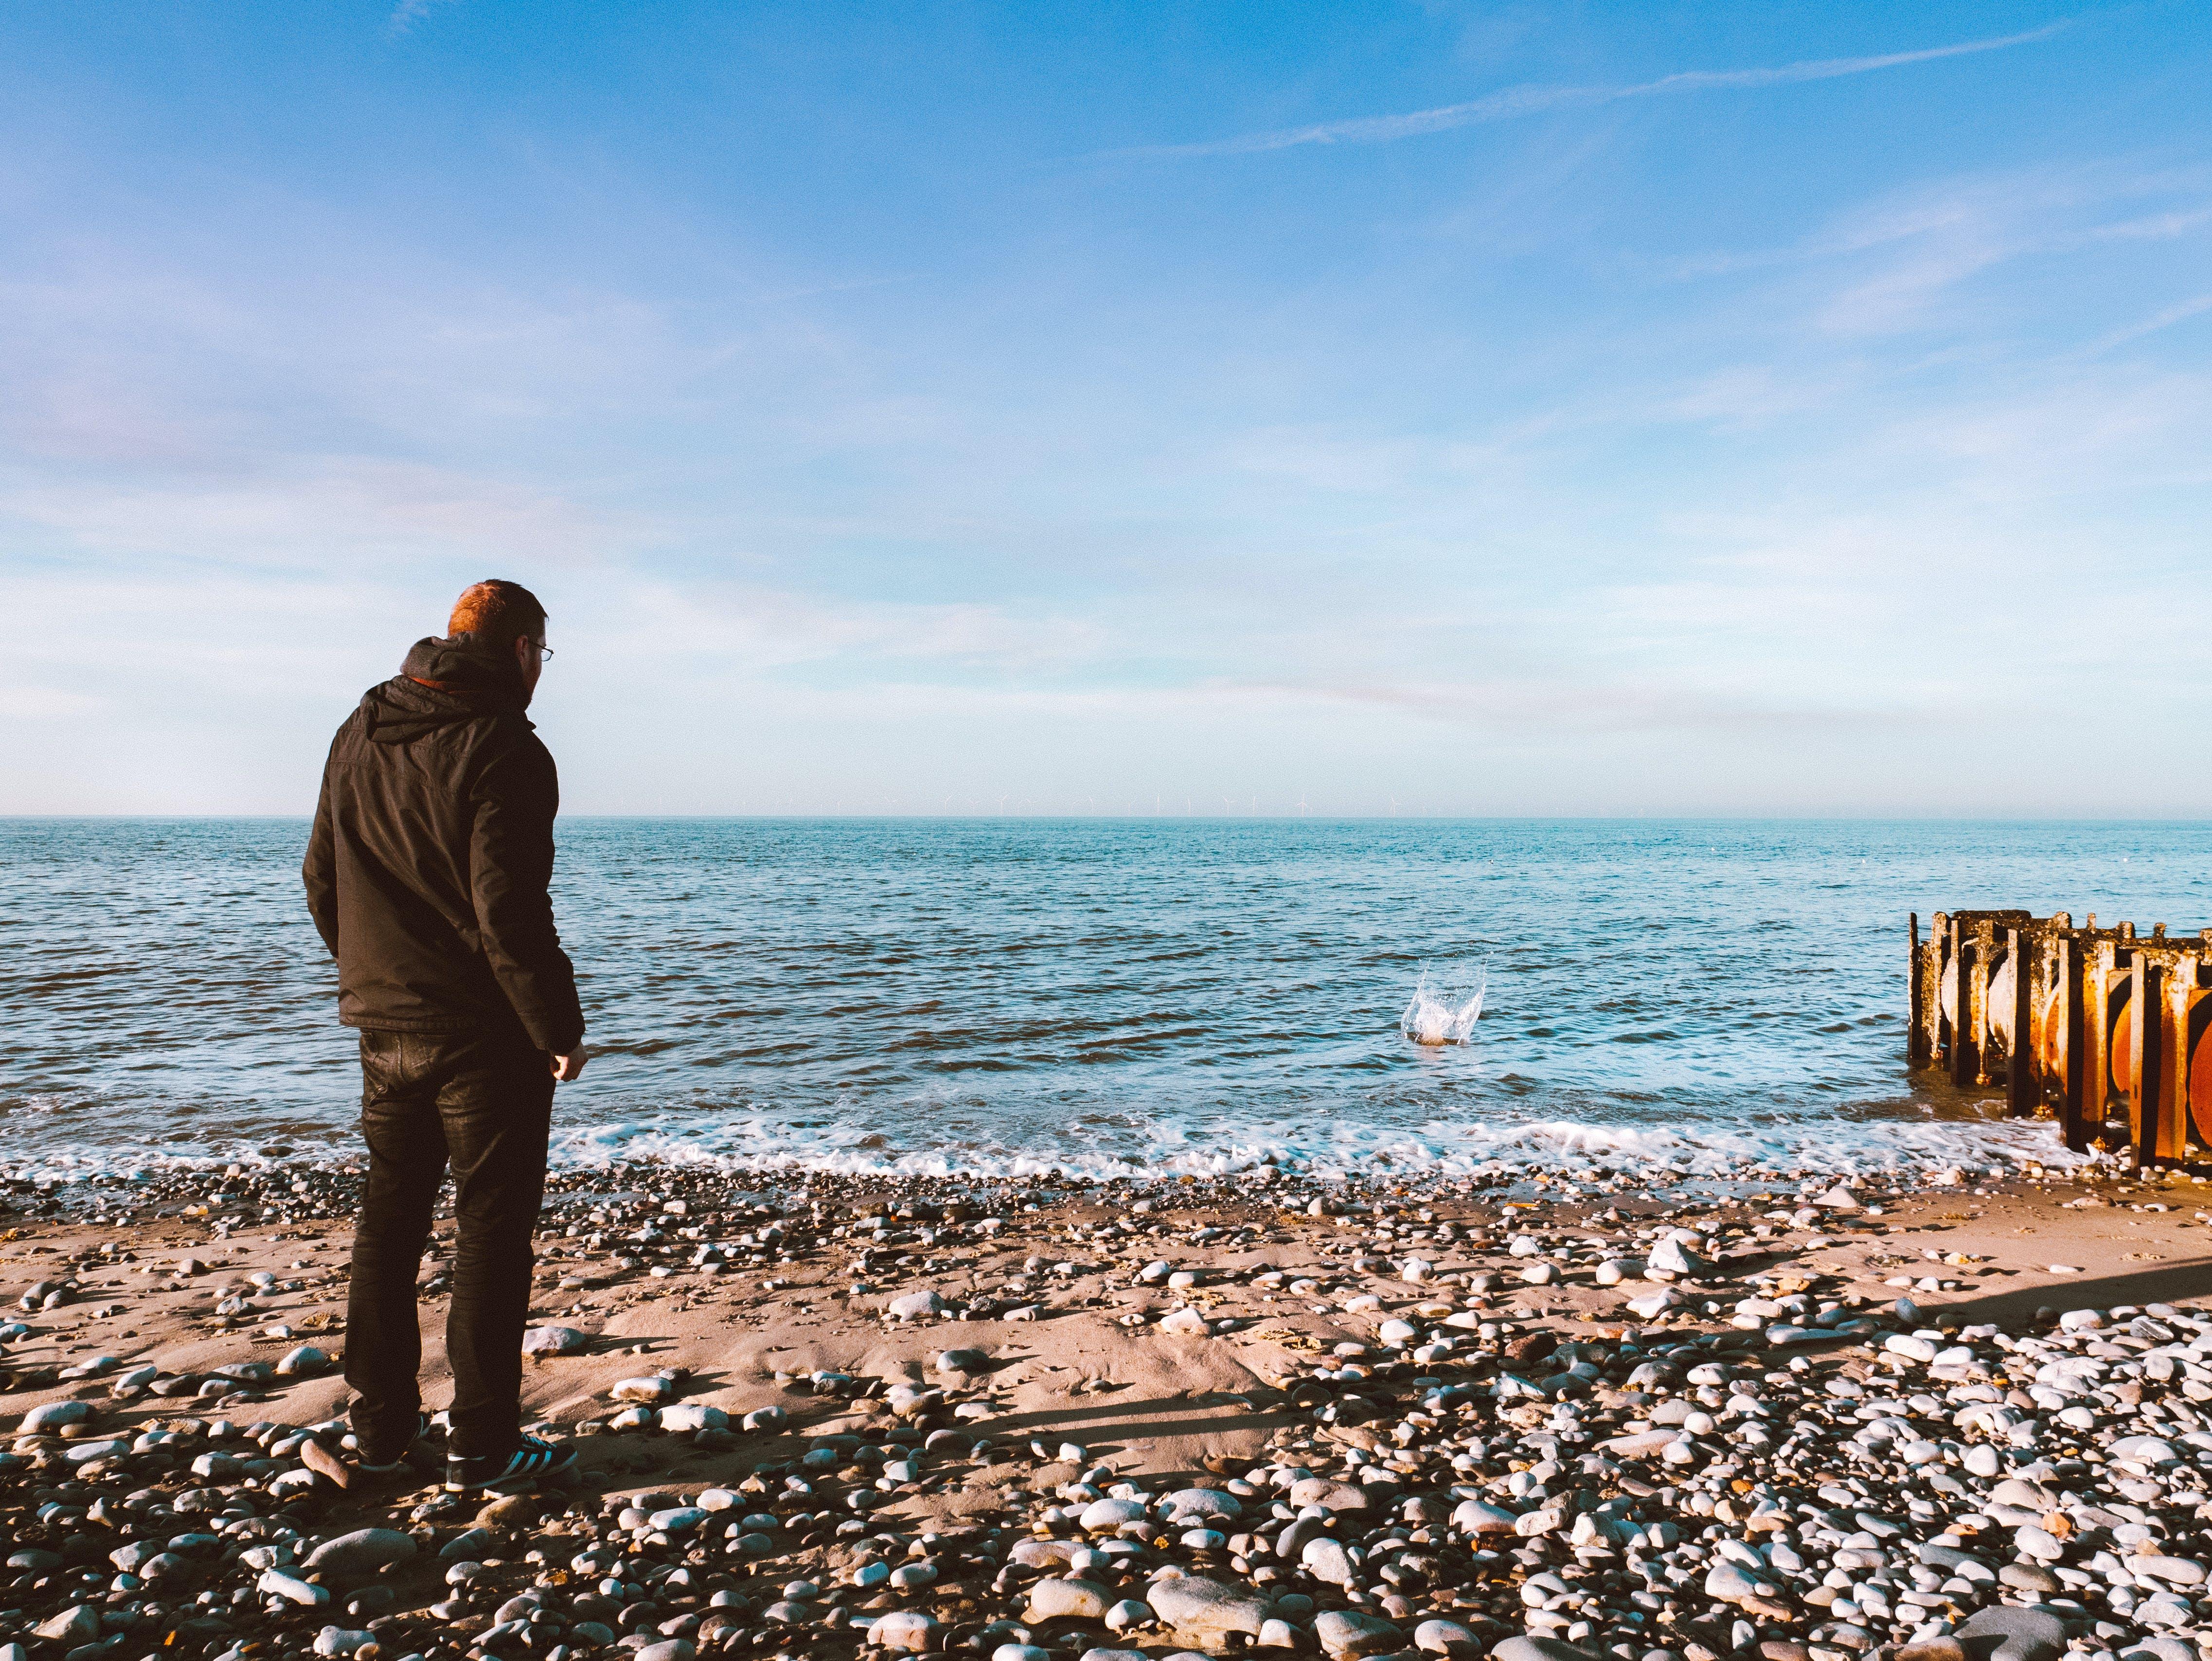 adam, deniz, deniz kıyısı, kişi içeren Ücretsiz stok fotoğraf